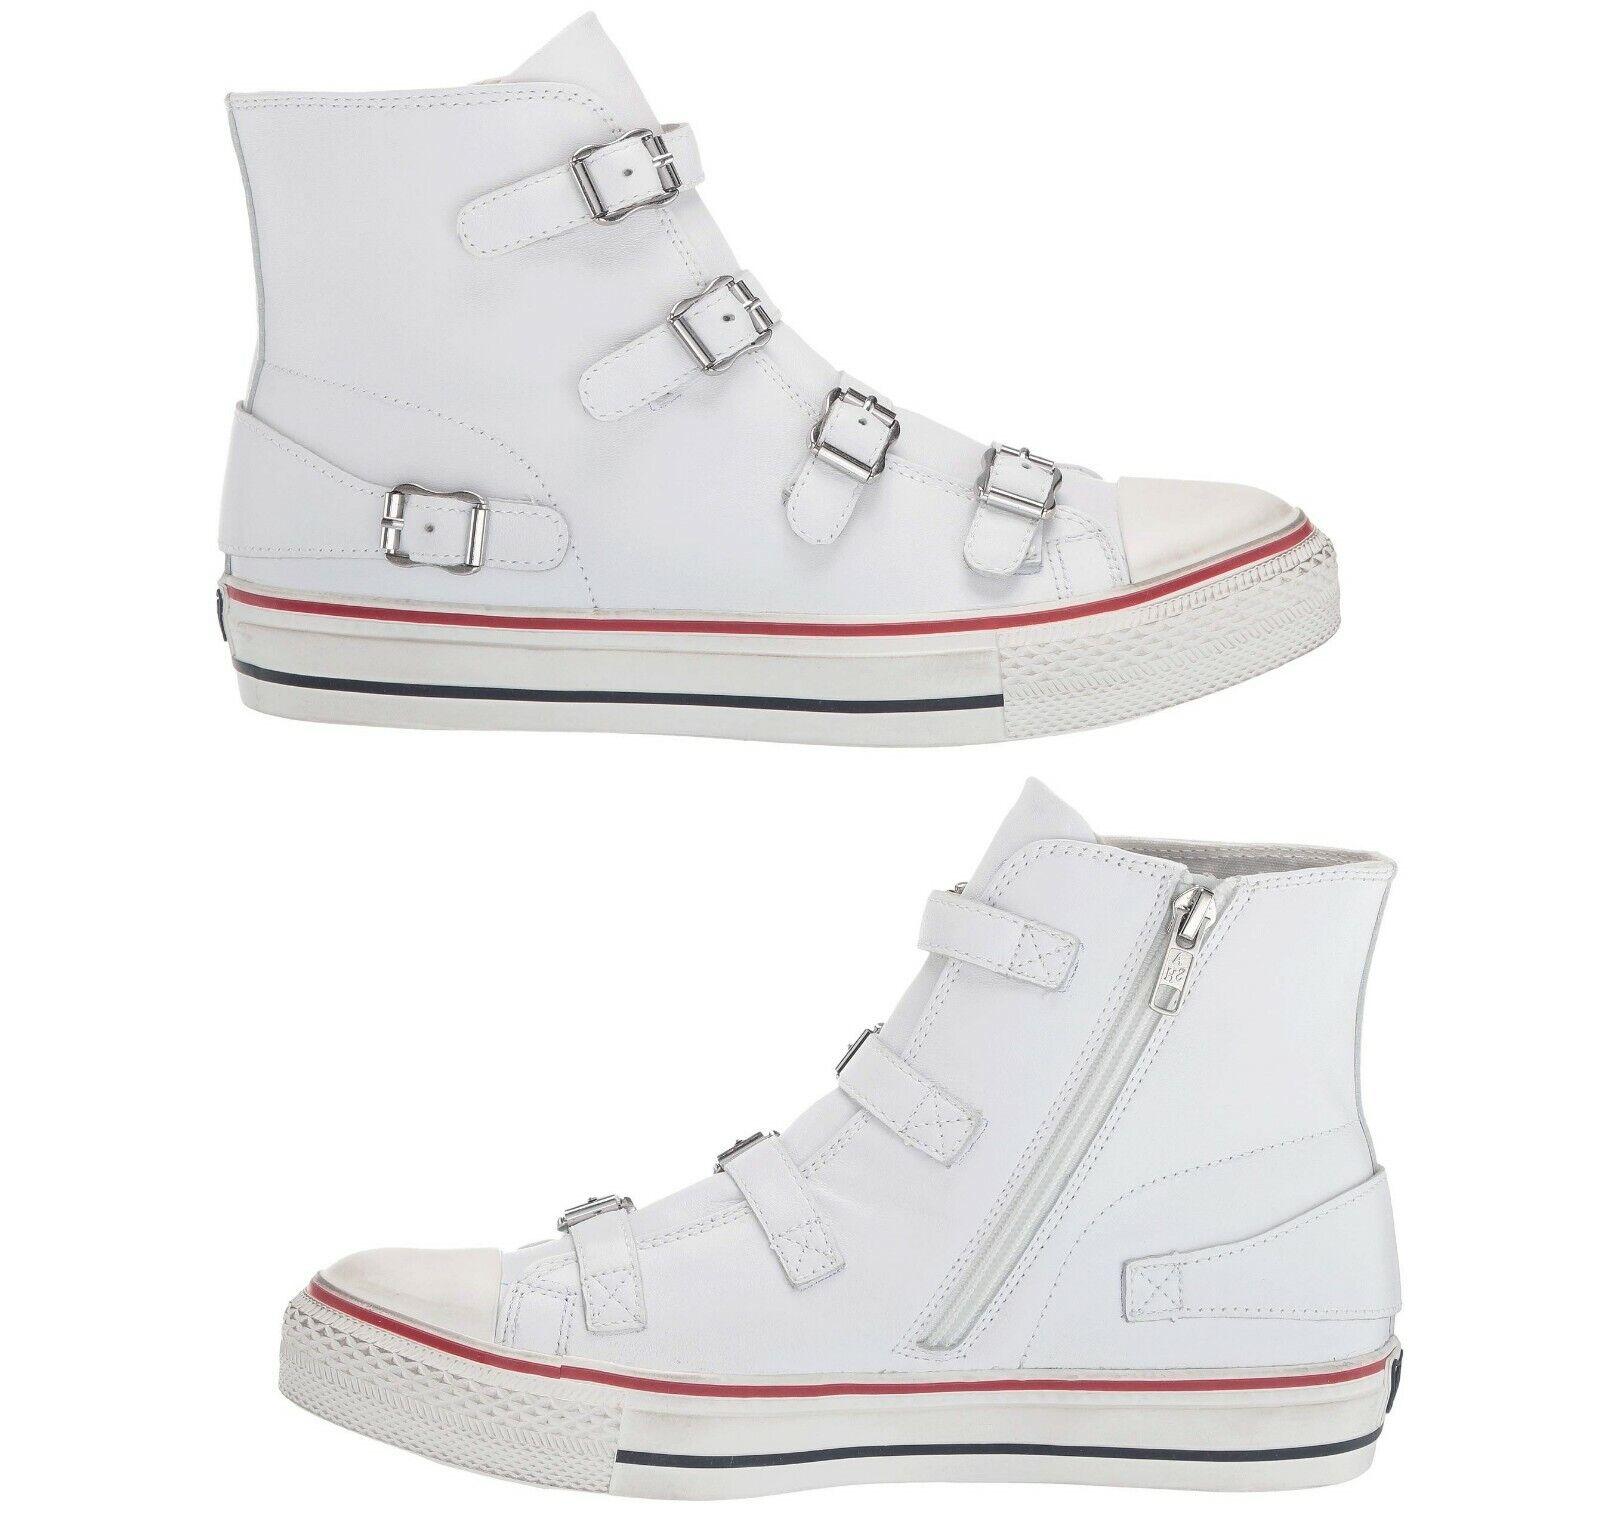 nuova esclusiva di fascia alta NEW ASH Virgin bianca Leather Donna  Fashion Fashion Fashion High Top buckle scarpe da ginnastica scarpe Kicks  100% di contro garanzia genuina